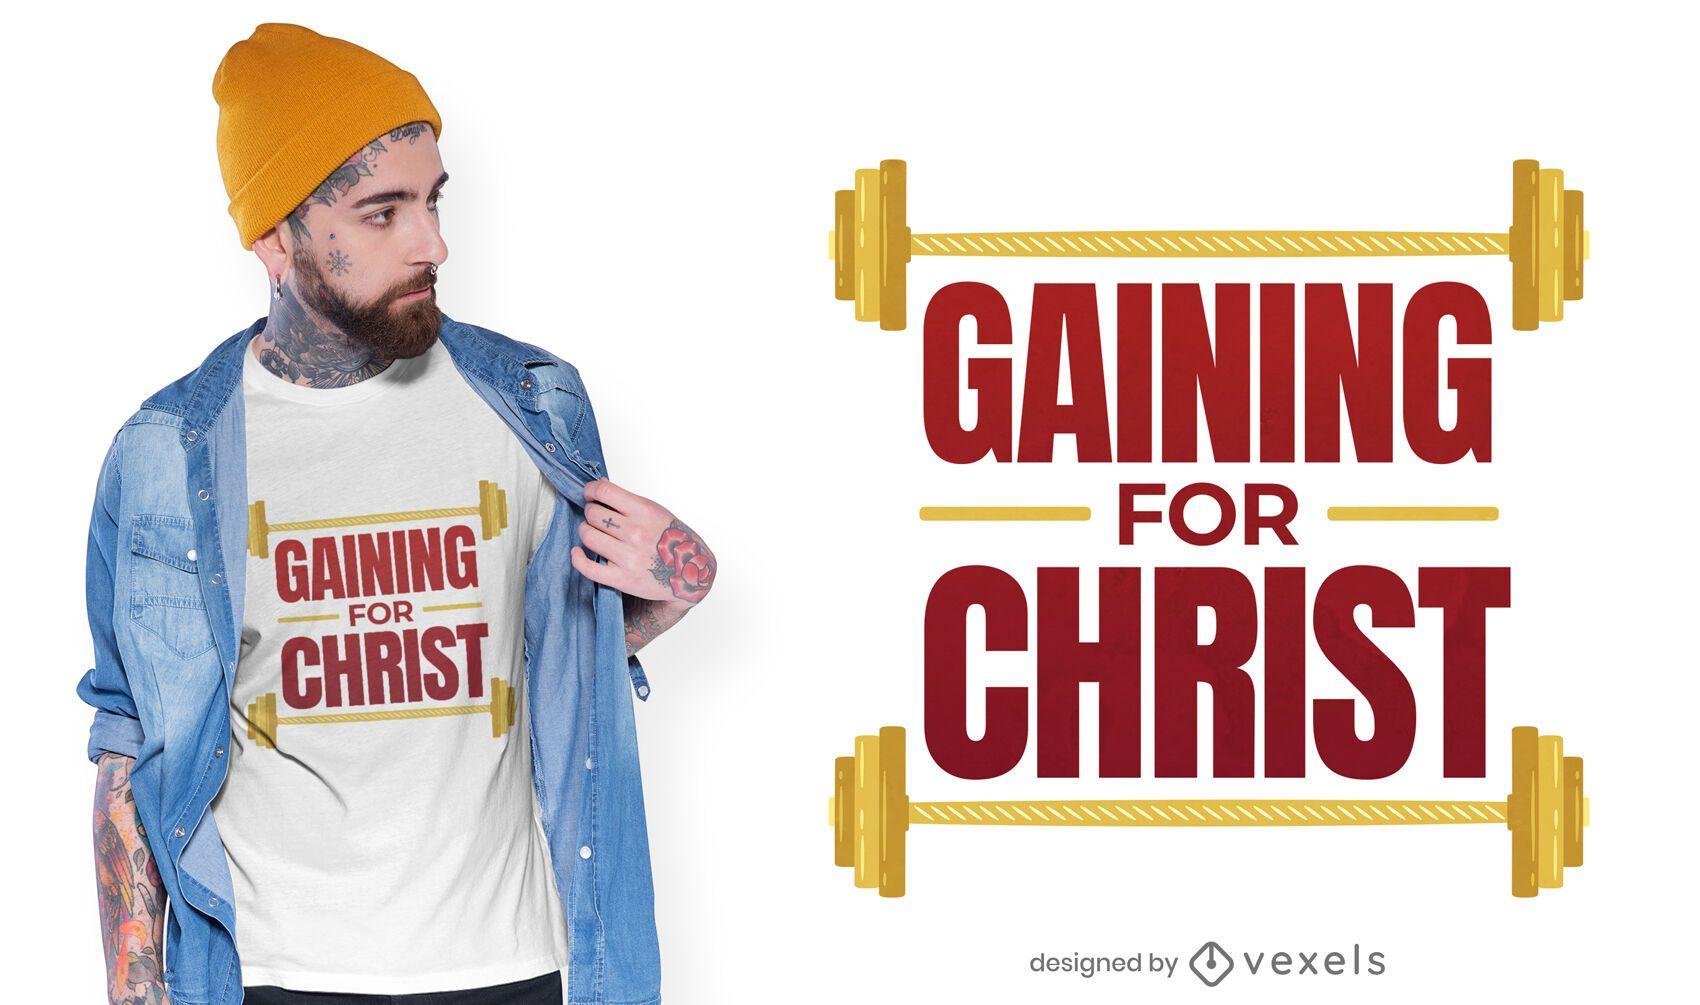 Gaining for christ t-shirt design